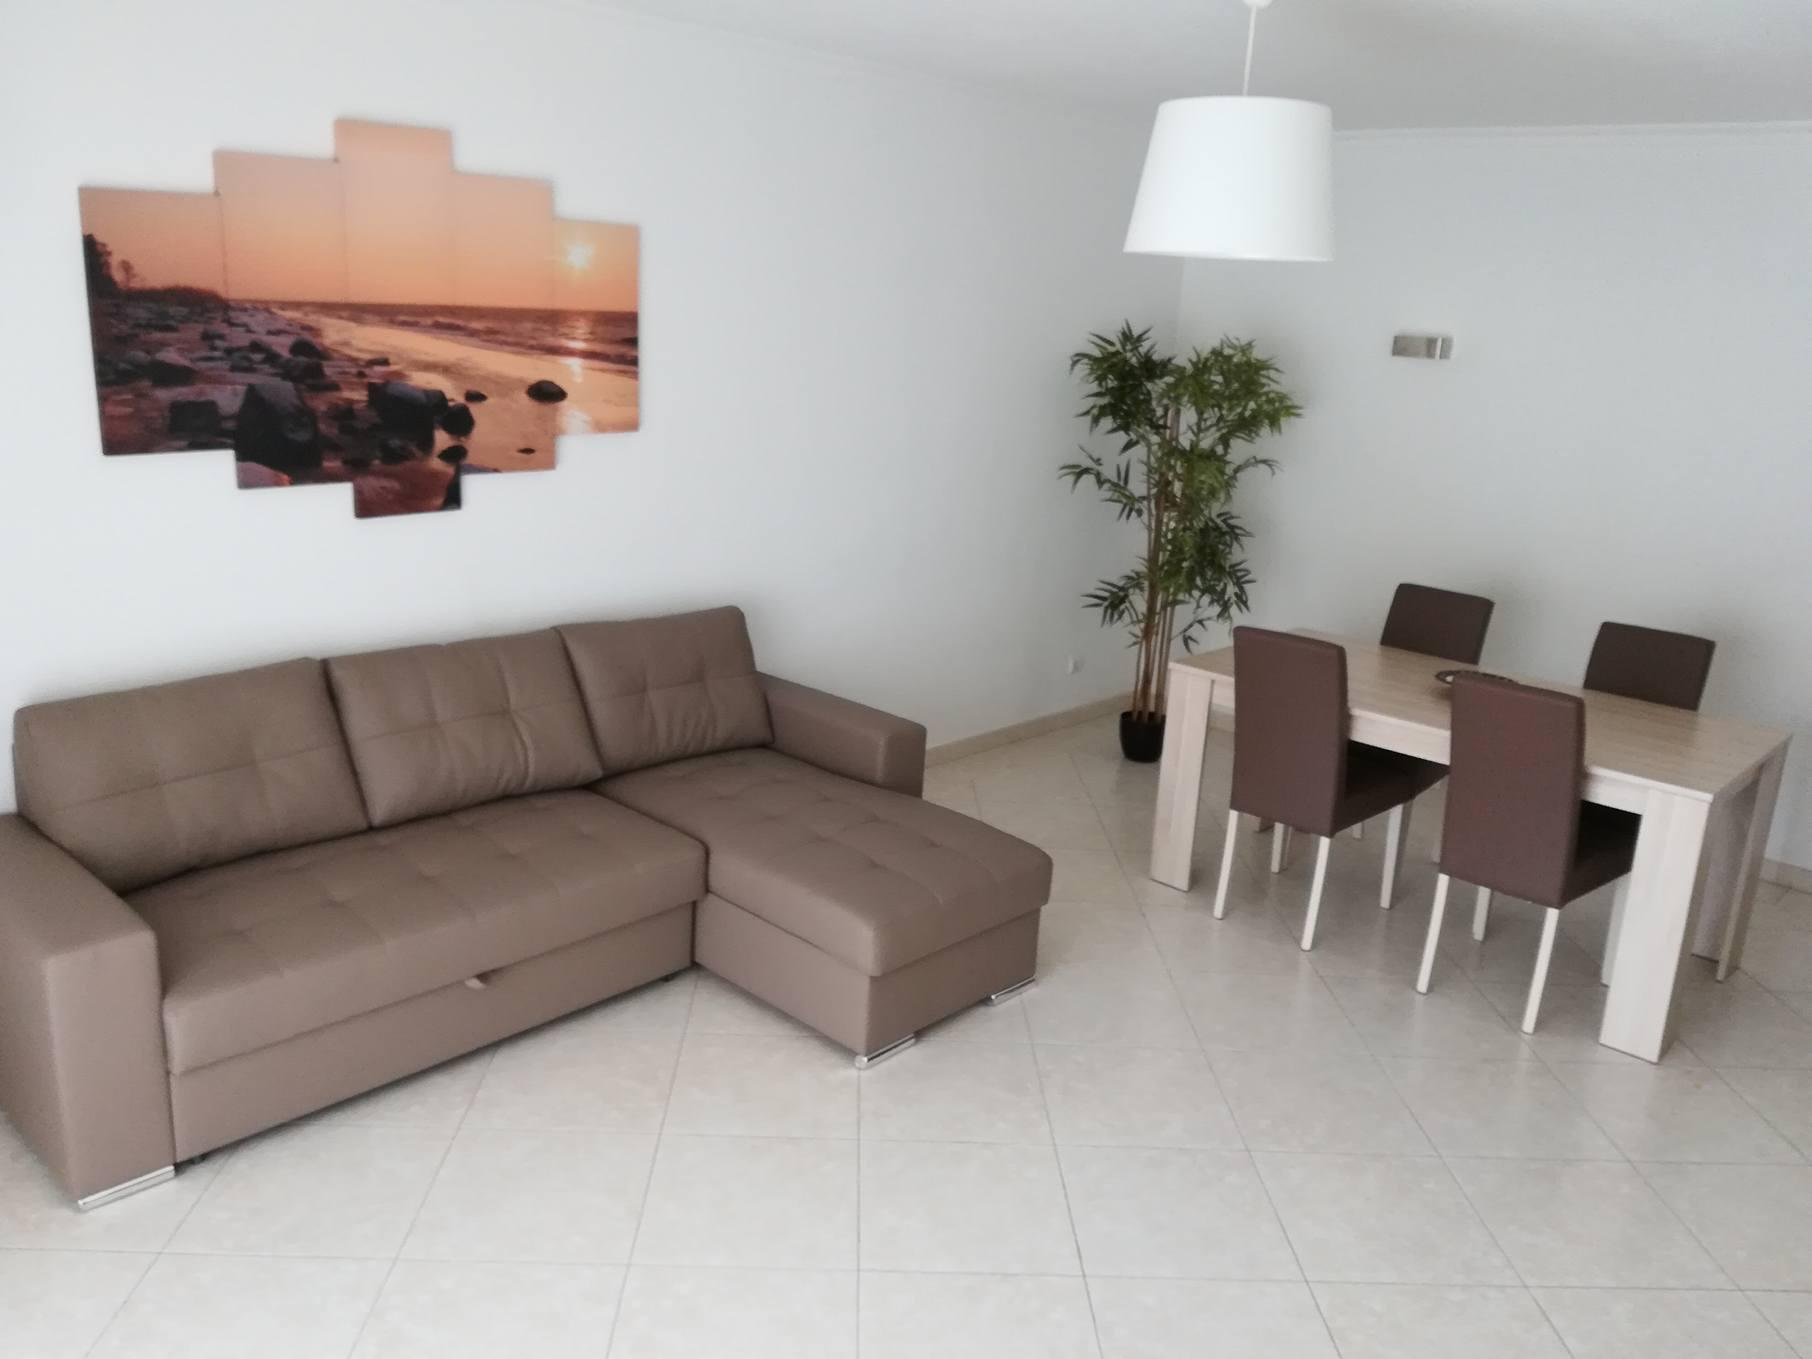 Location appartements et villas de vacance, Vila Nova II à Armação de Pêra, Portugal Algarve, REF_IMG_5826_5829